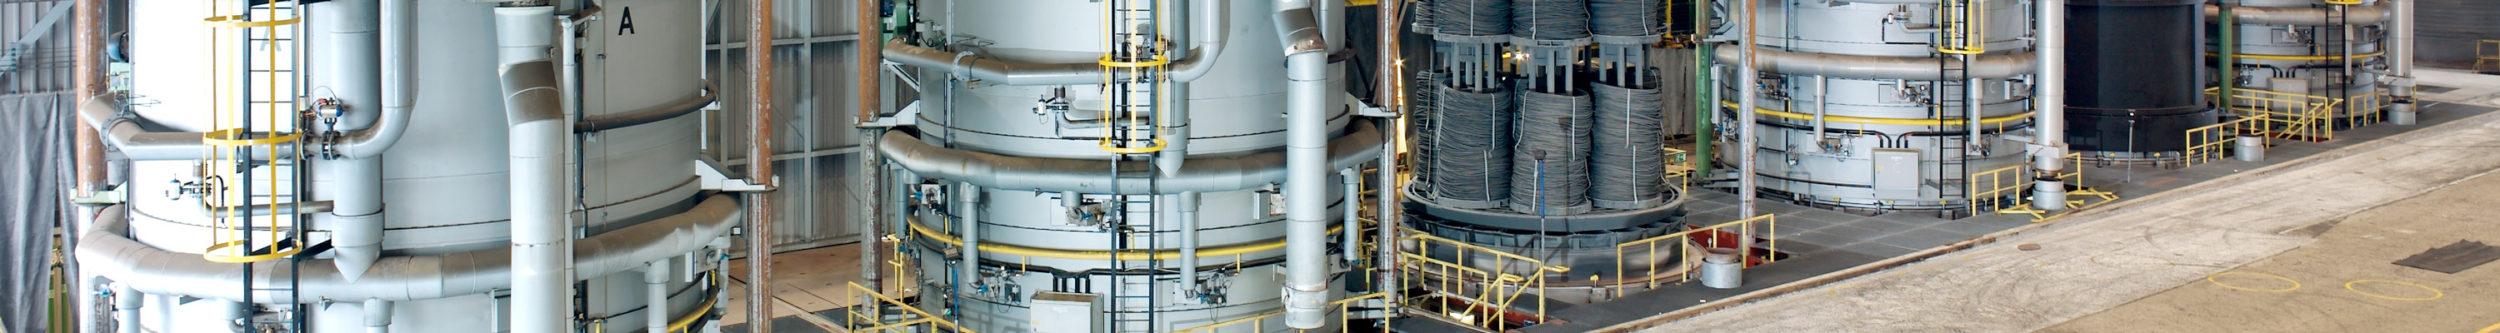 Anlagenbau für Bergbau, Hüttentechnik, Metallurgie